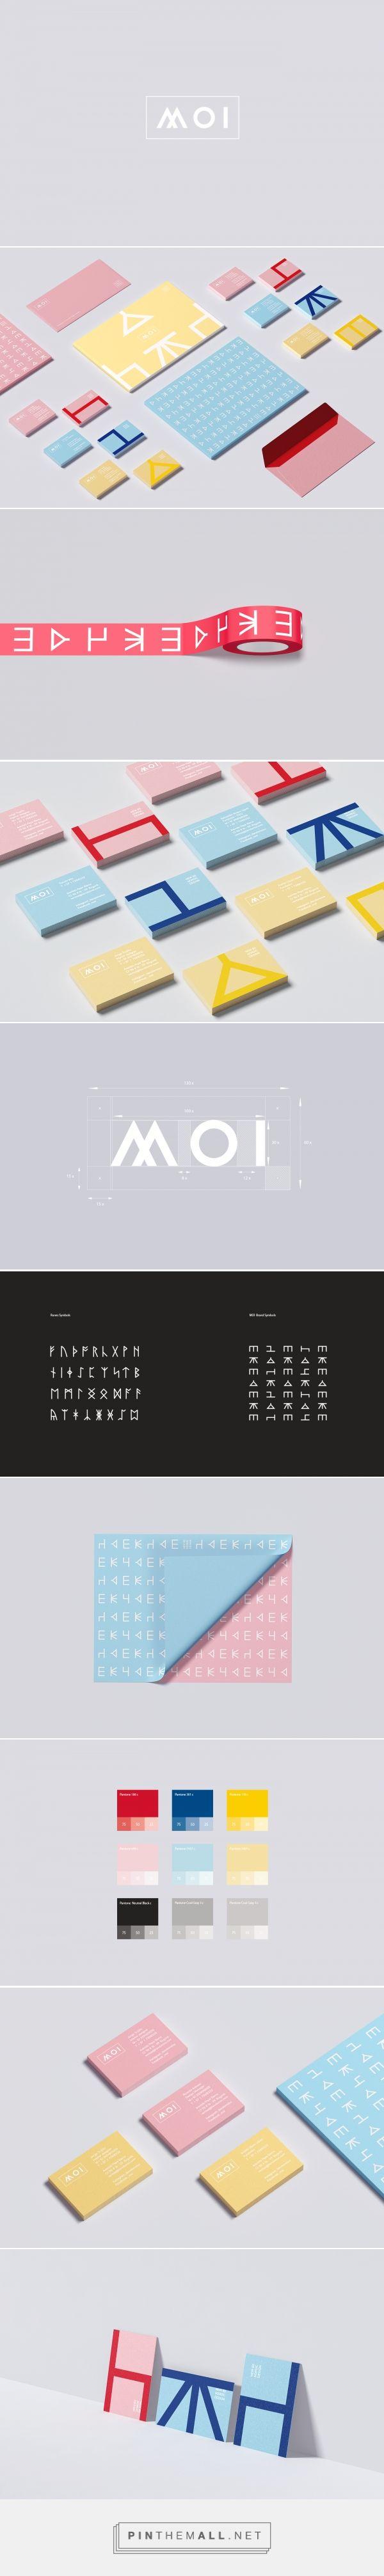 MOI New Nordic Design Visual Identity